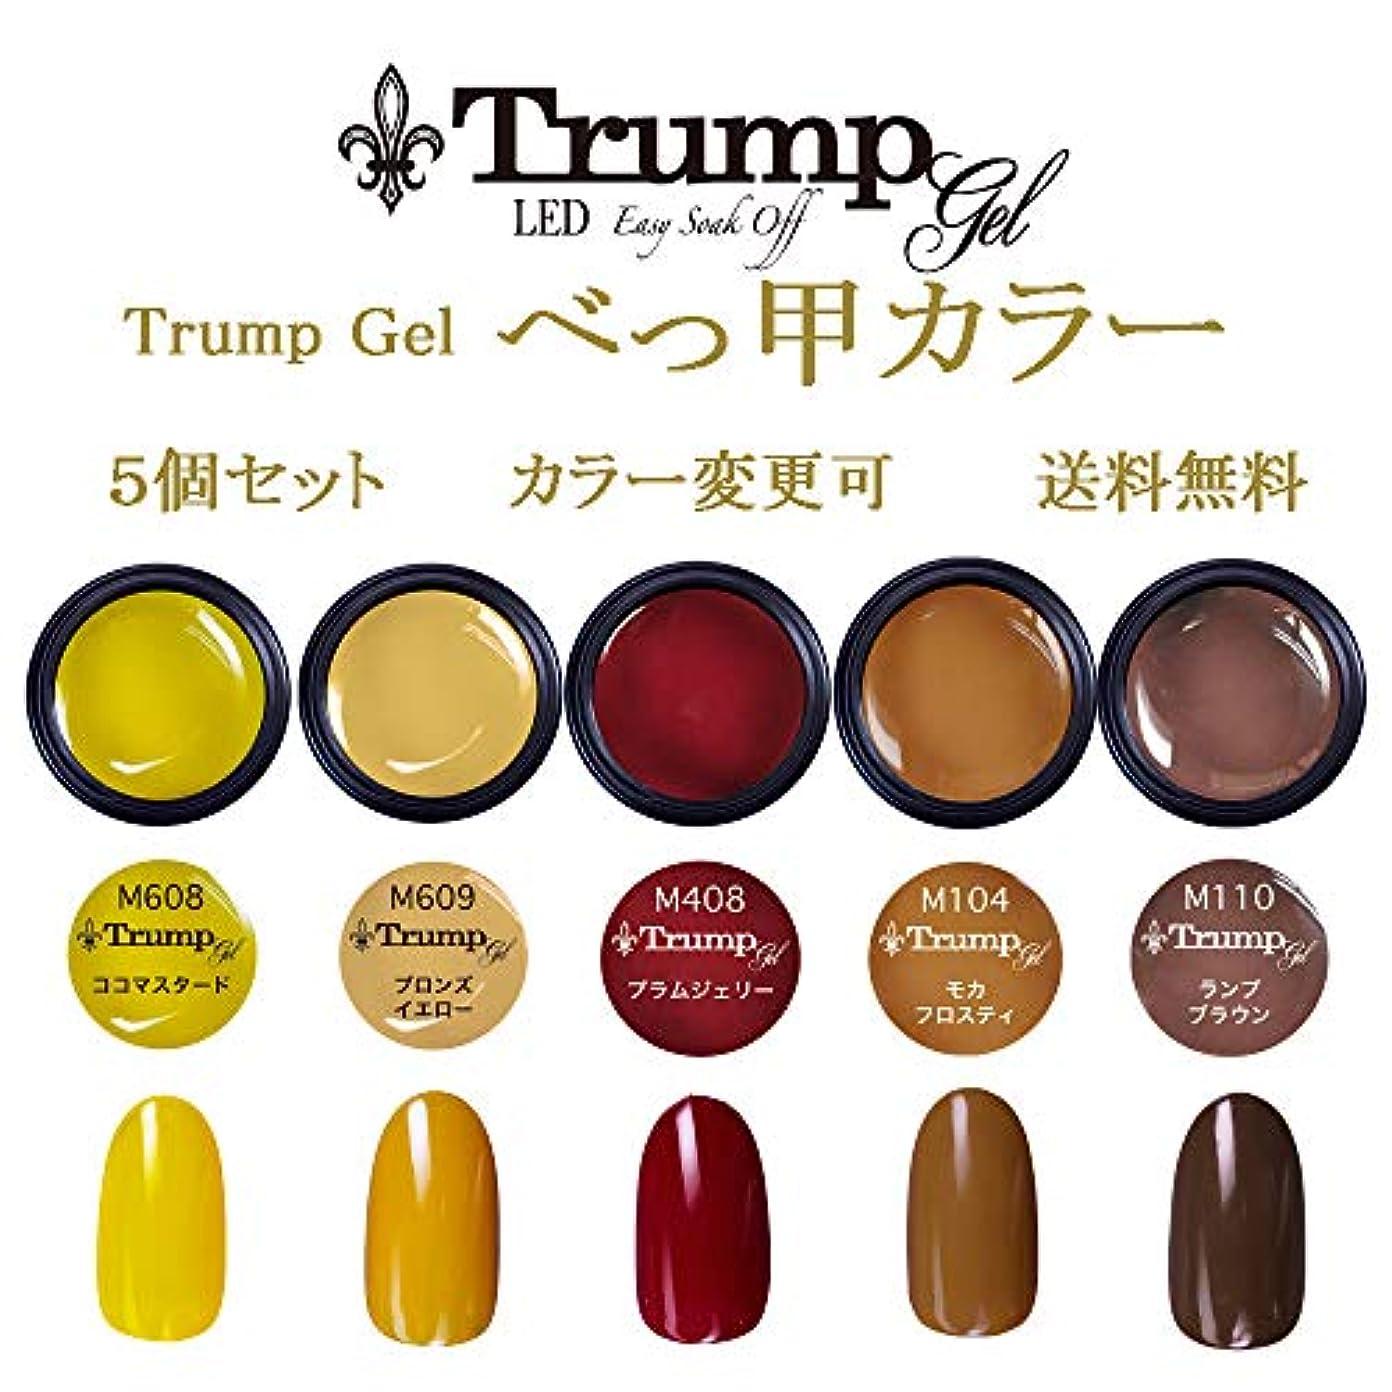 哲学者売上高取り付け日本製 Trump gel トランプジェル べっ甲 ネイルカラー 選べる カラージェル 5個セット イエロー ブラウン ワイン べっこう